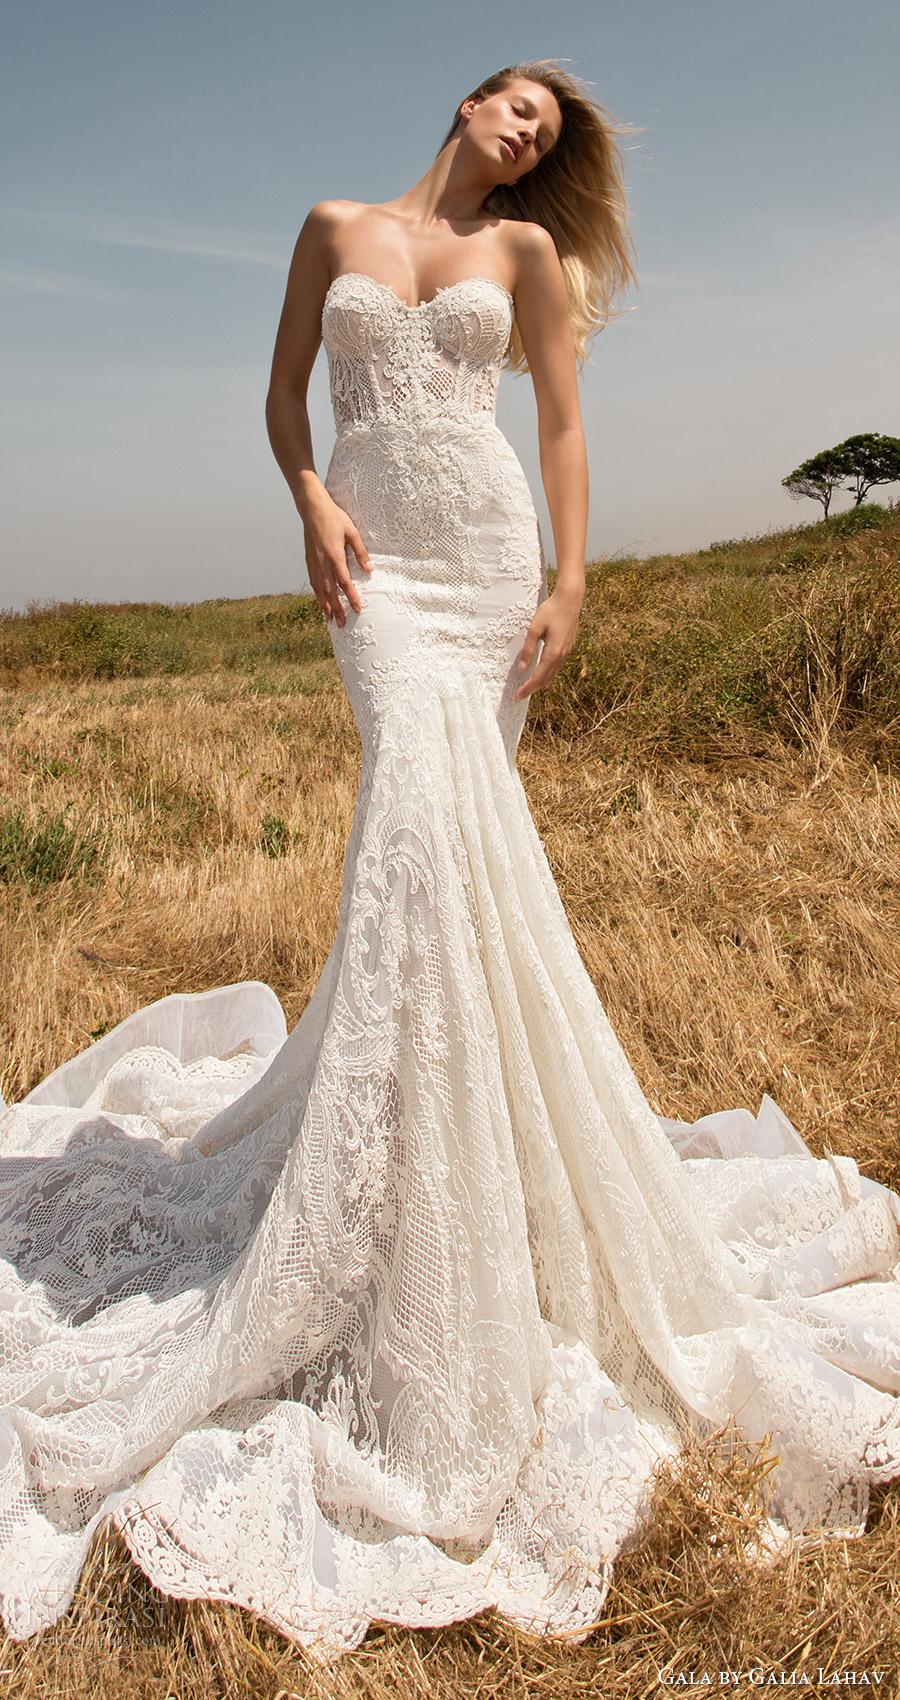 galia lahav wedding dresses price photo - 1